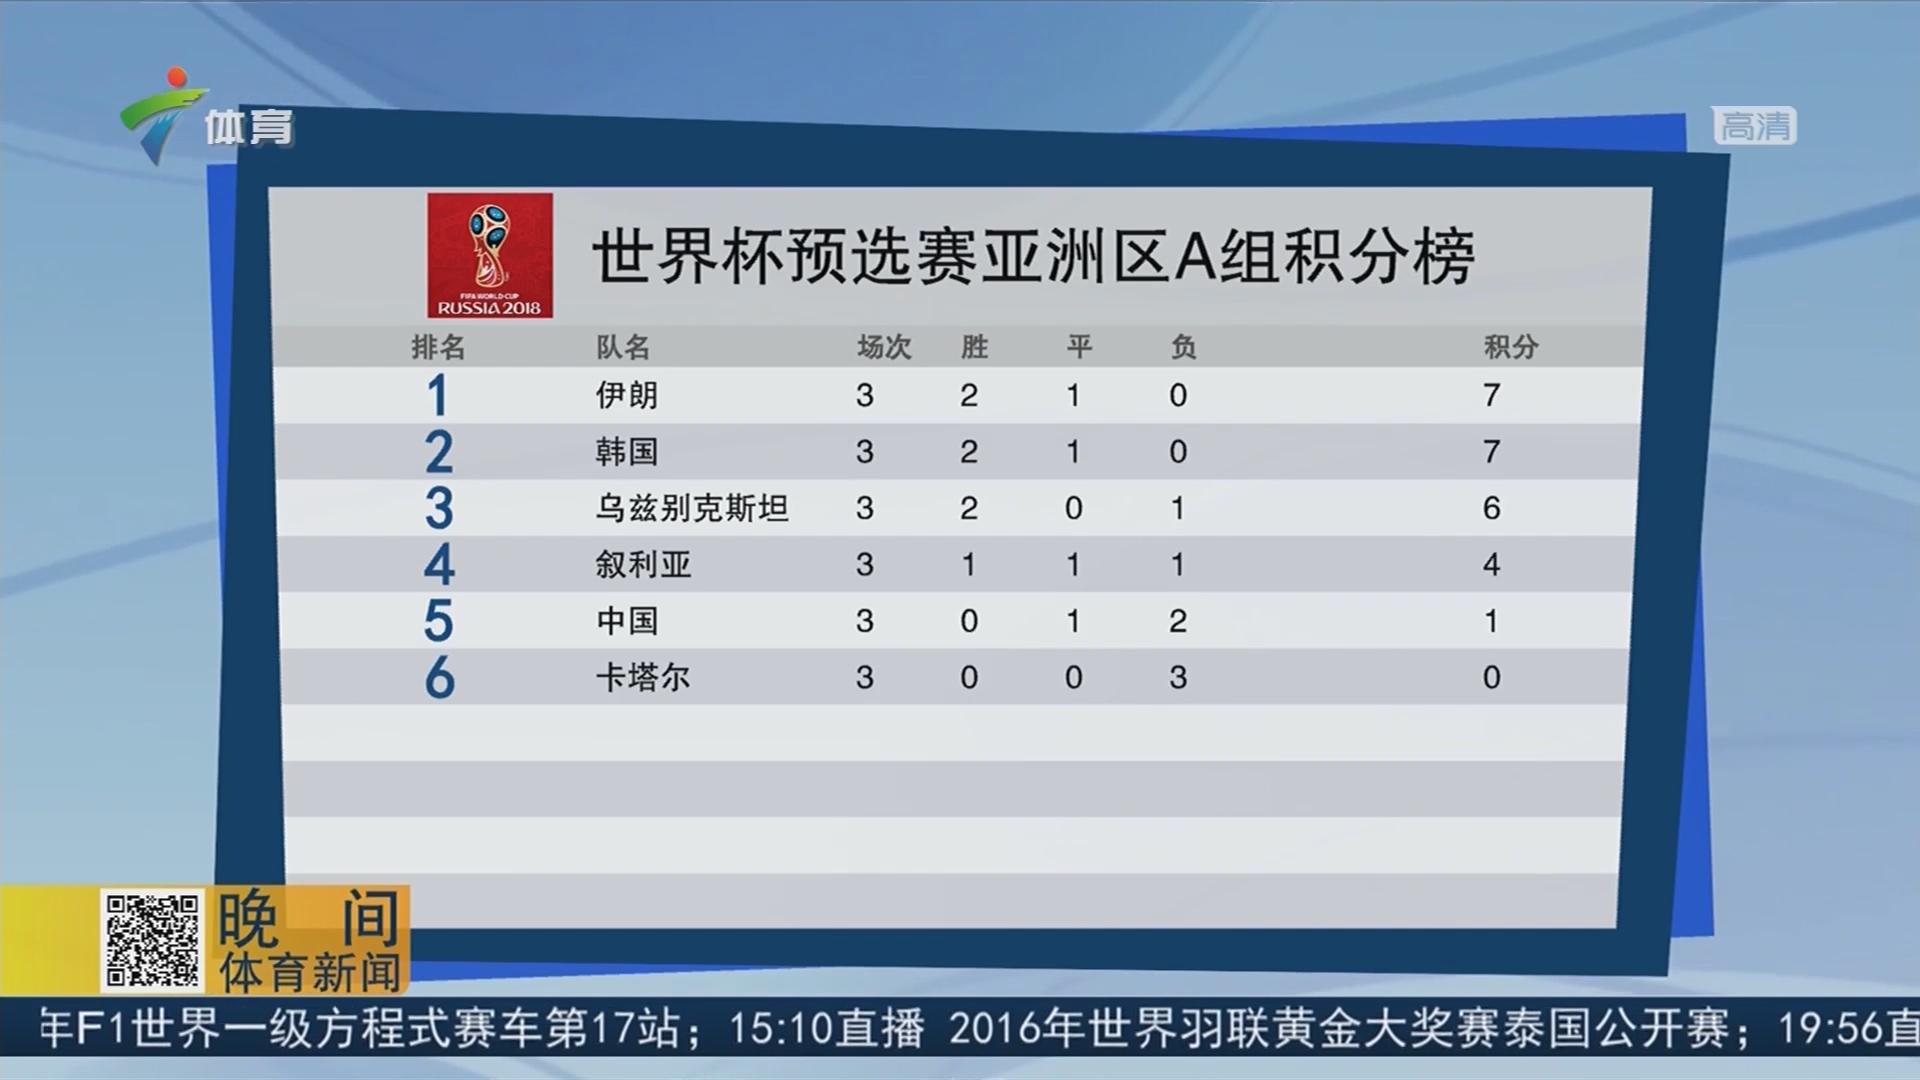 世界杯预选赛亚洲区A组积分榜